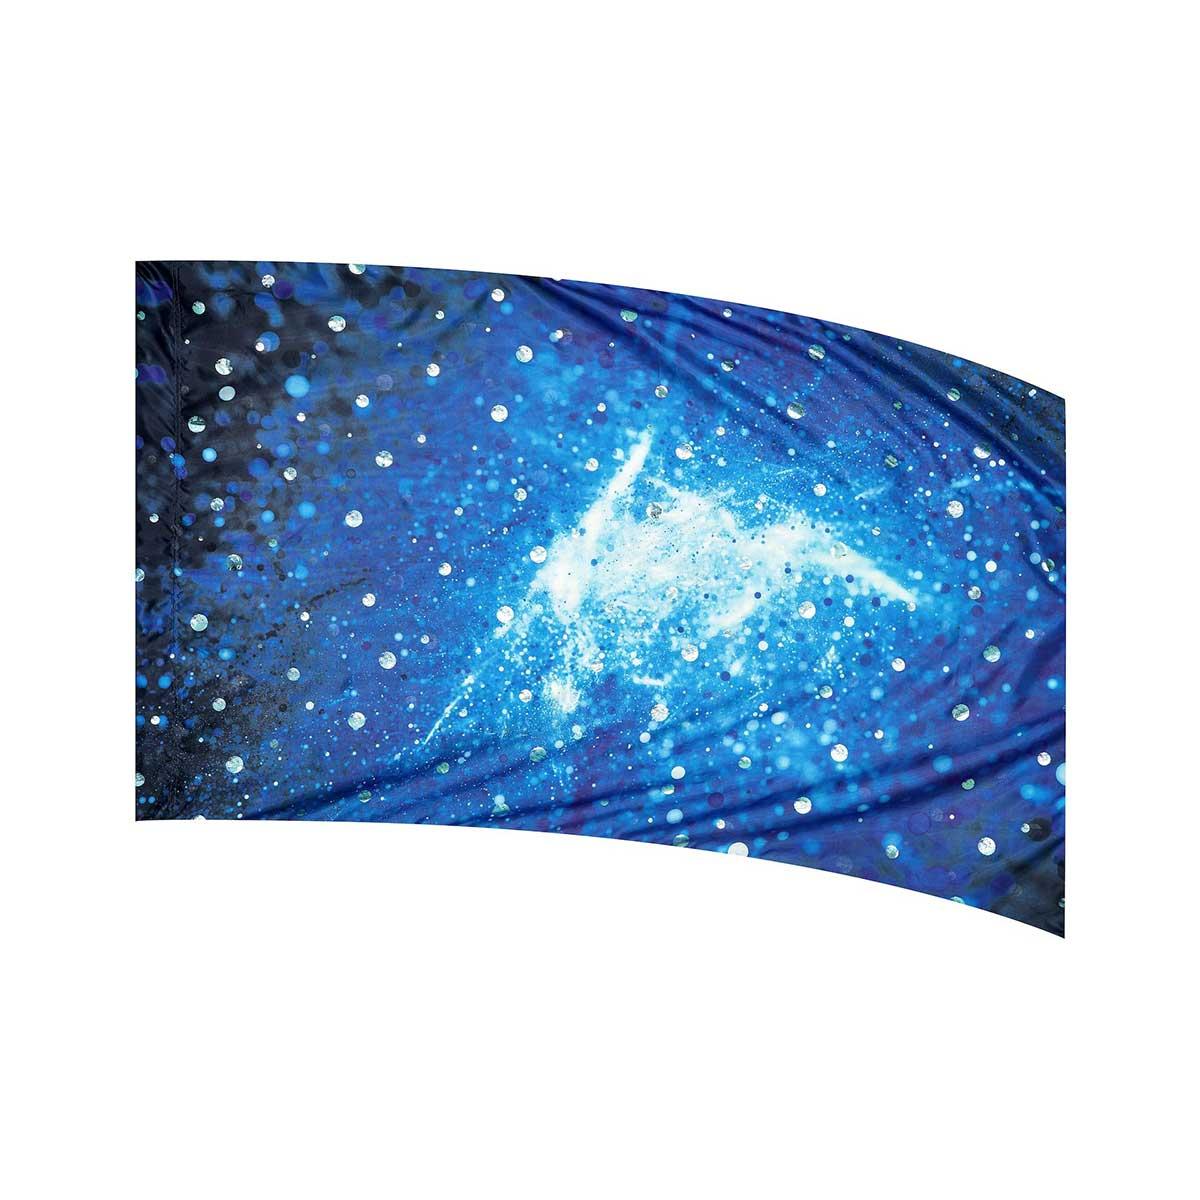 In-Stock Genesis Flags: 5017